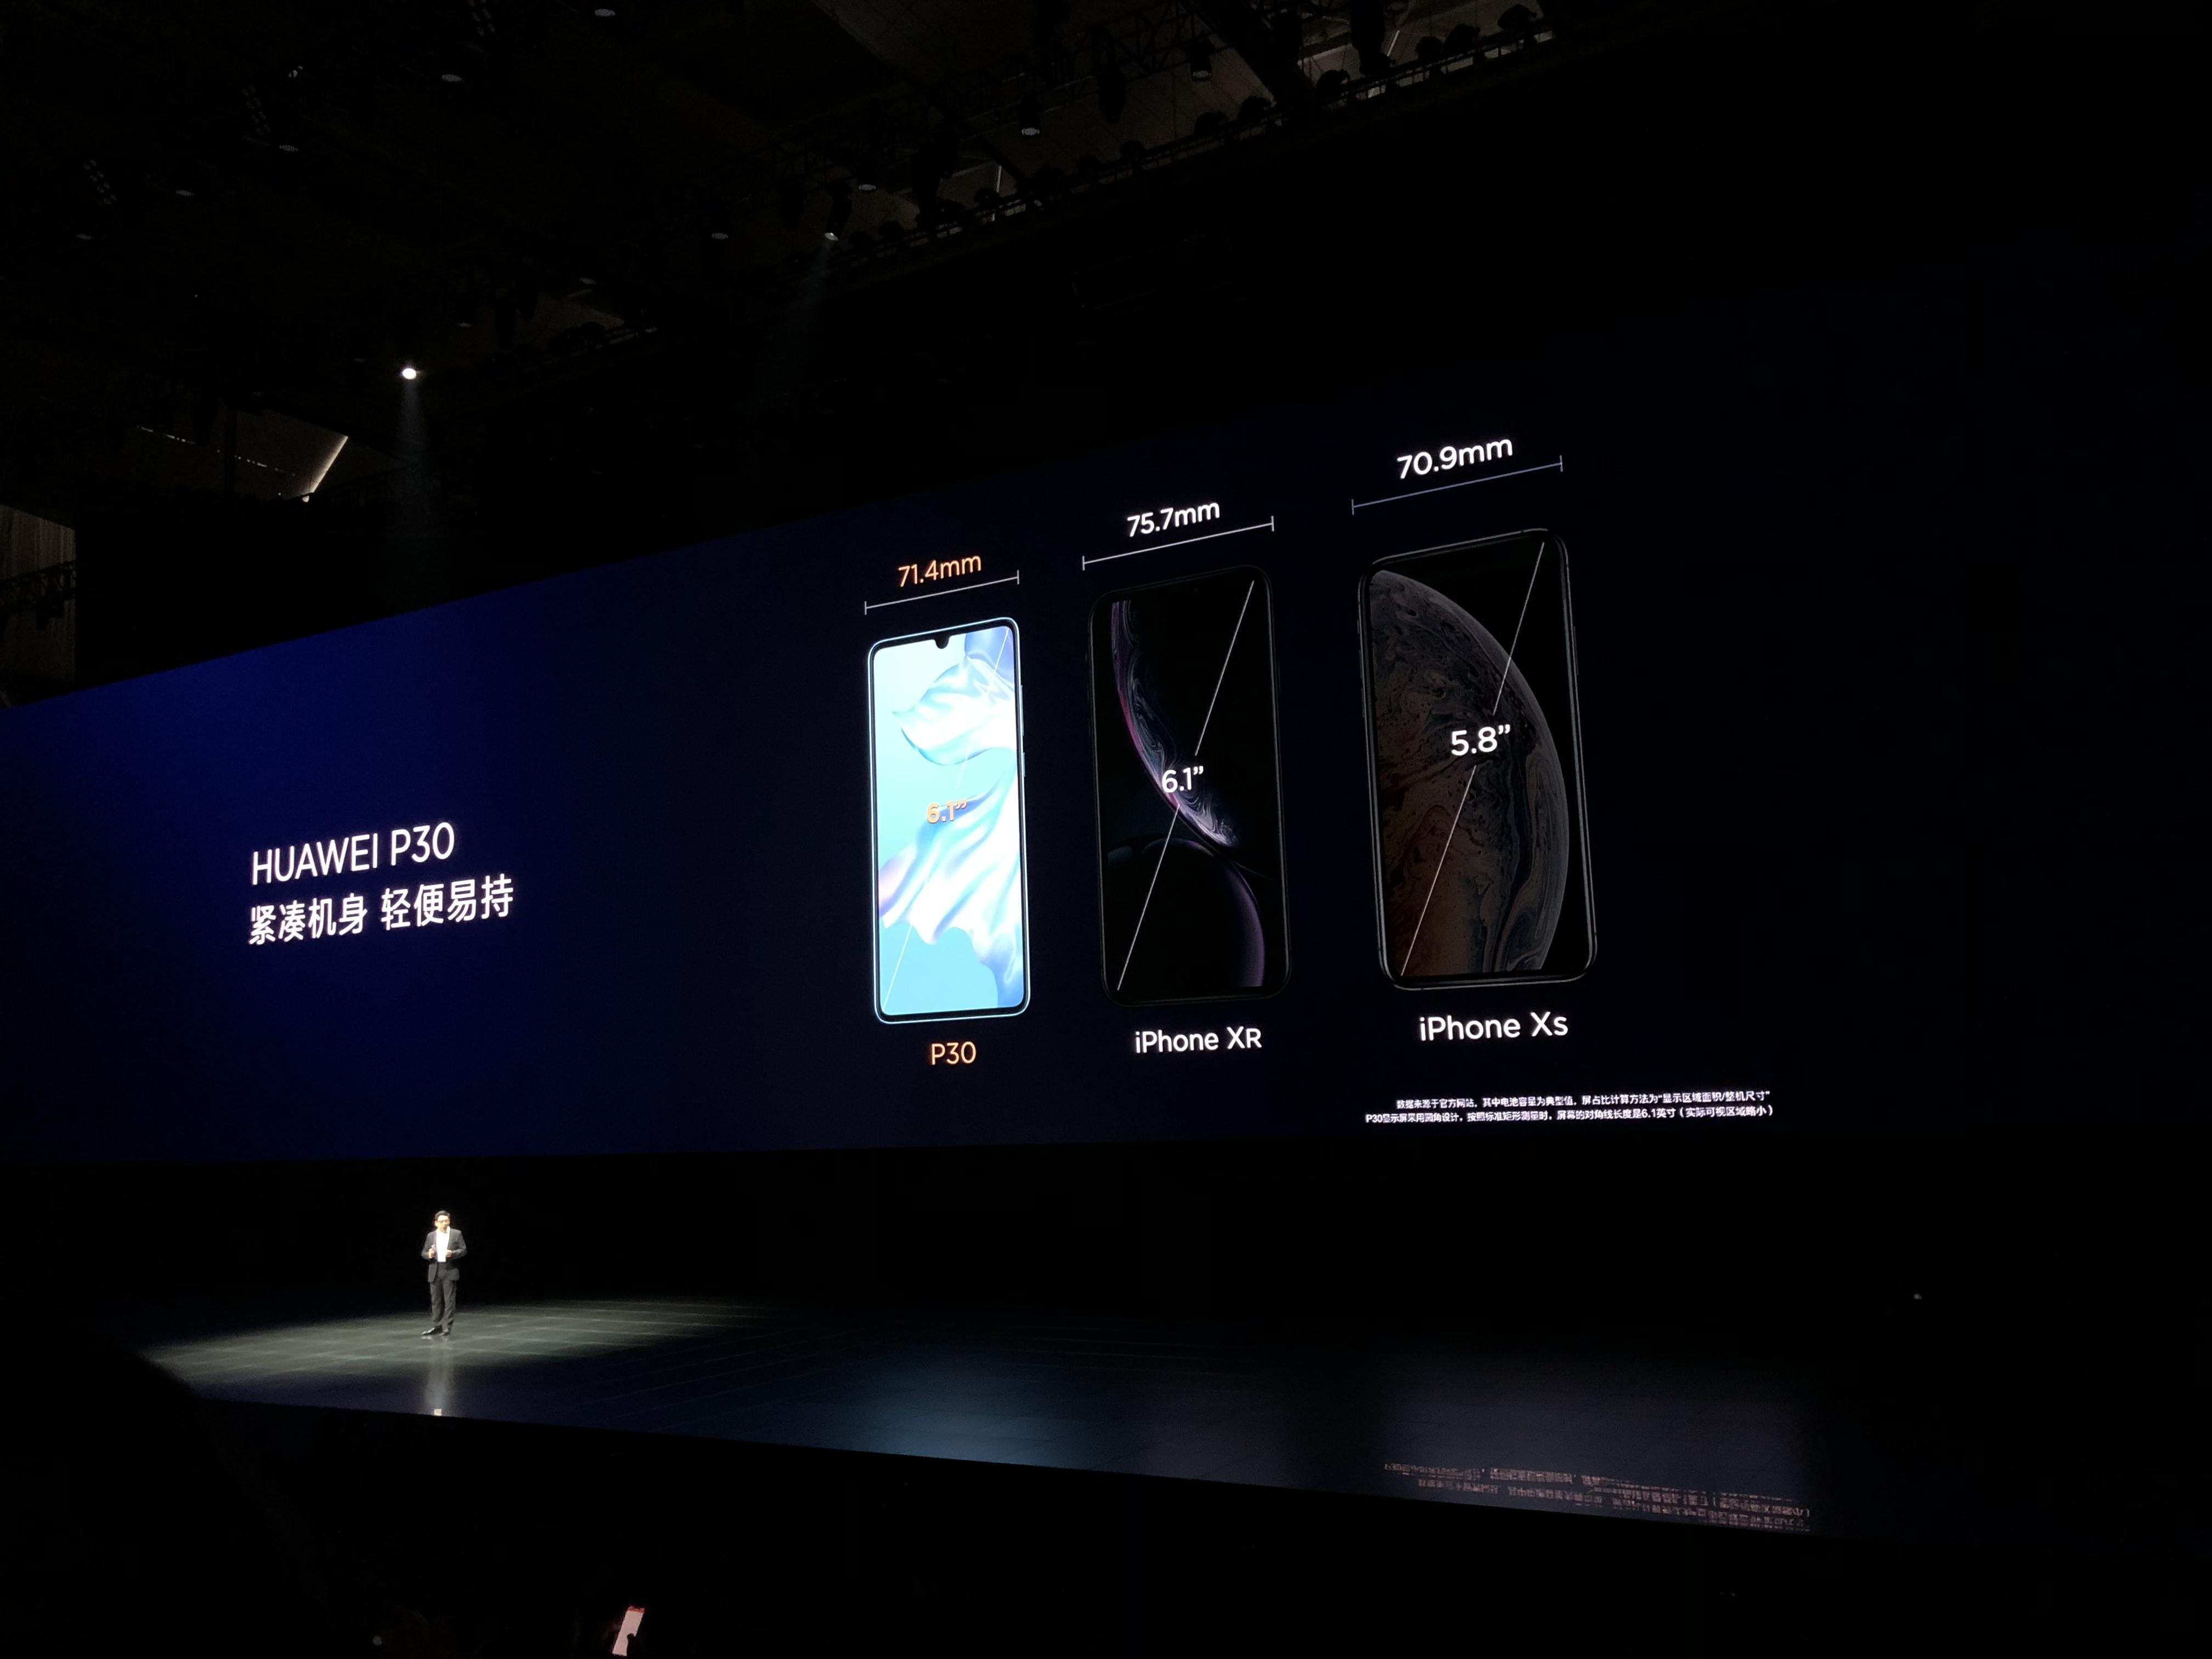 华为P30国行版发布 售价3988元起 比国际版便宜近半的照片 - 3